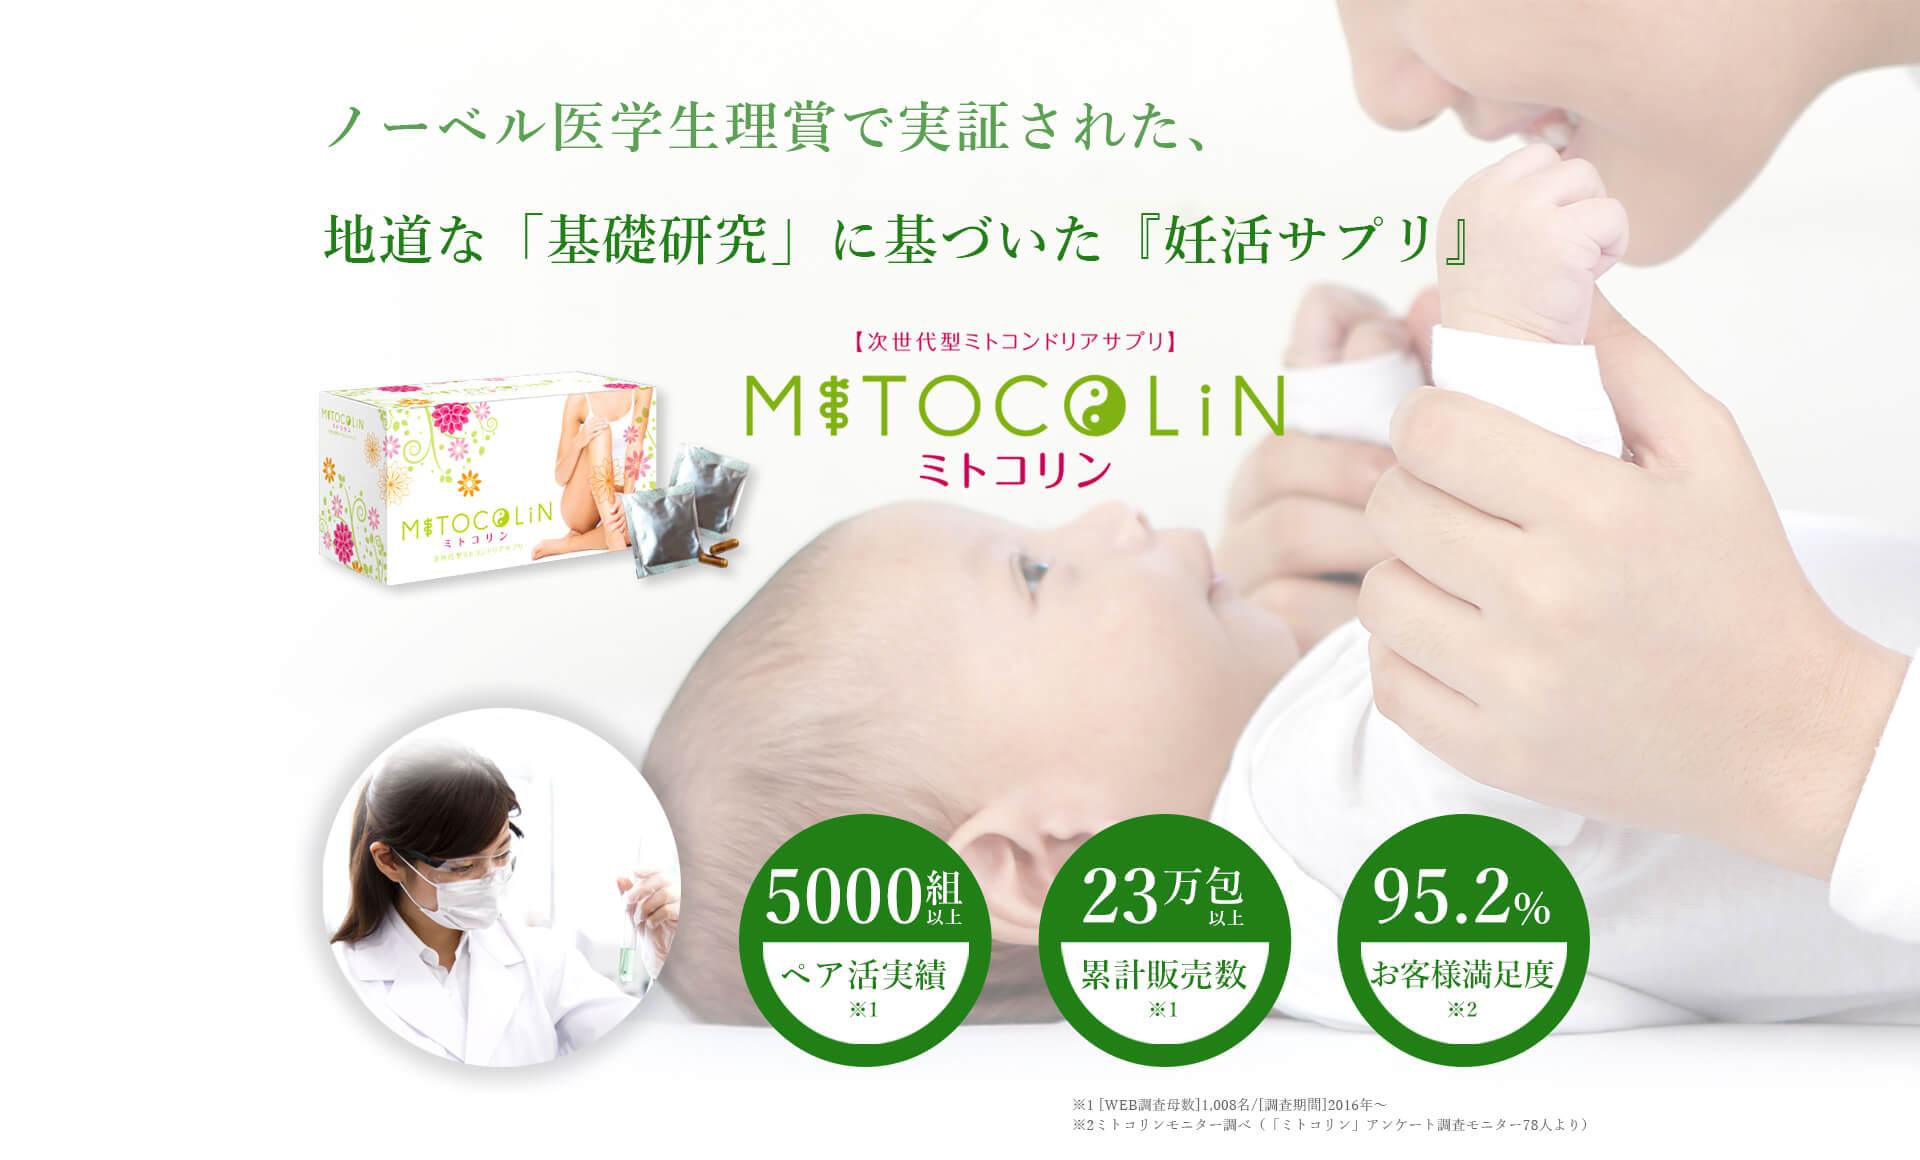 ミトコンドリアの増殖と活性に基づく妊活サプリ「MITOCOLiN(ミトコリン)」!男性にもご愛飲いただけます!